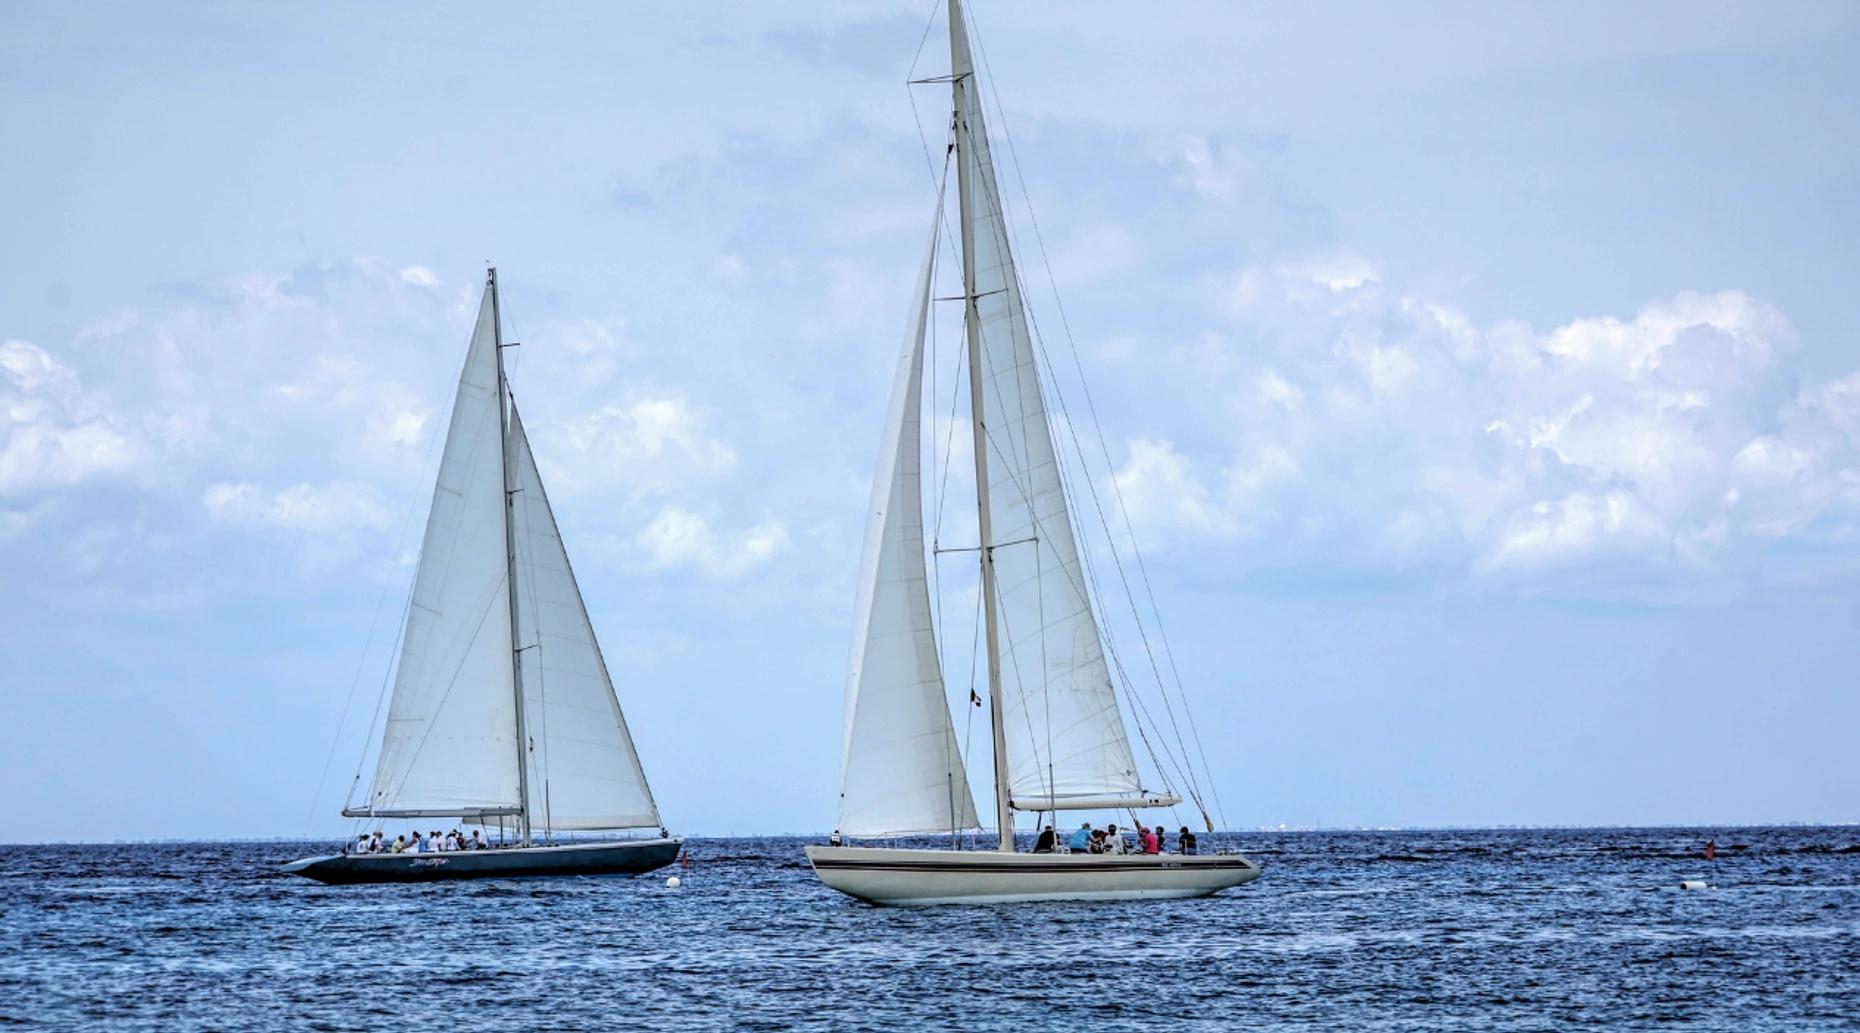 Sailing Club Membership Outside Houston